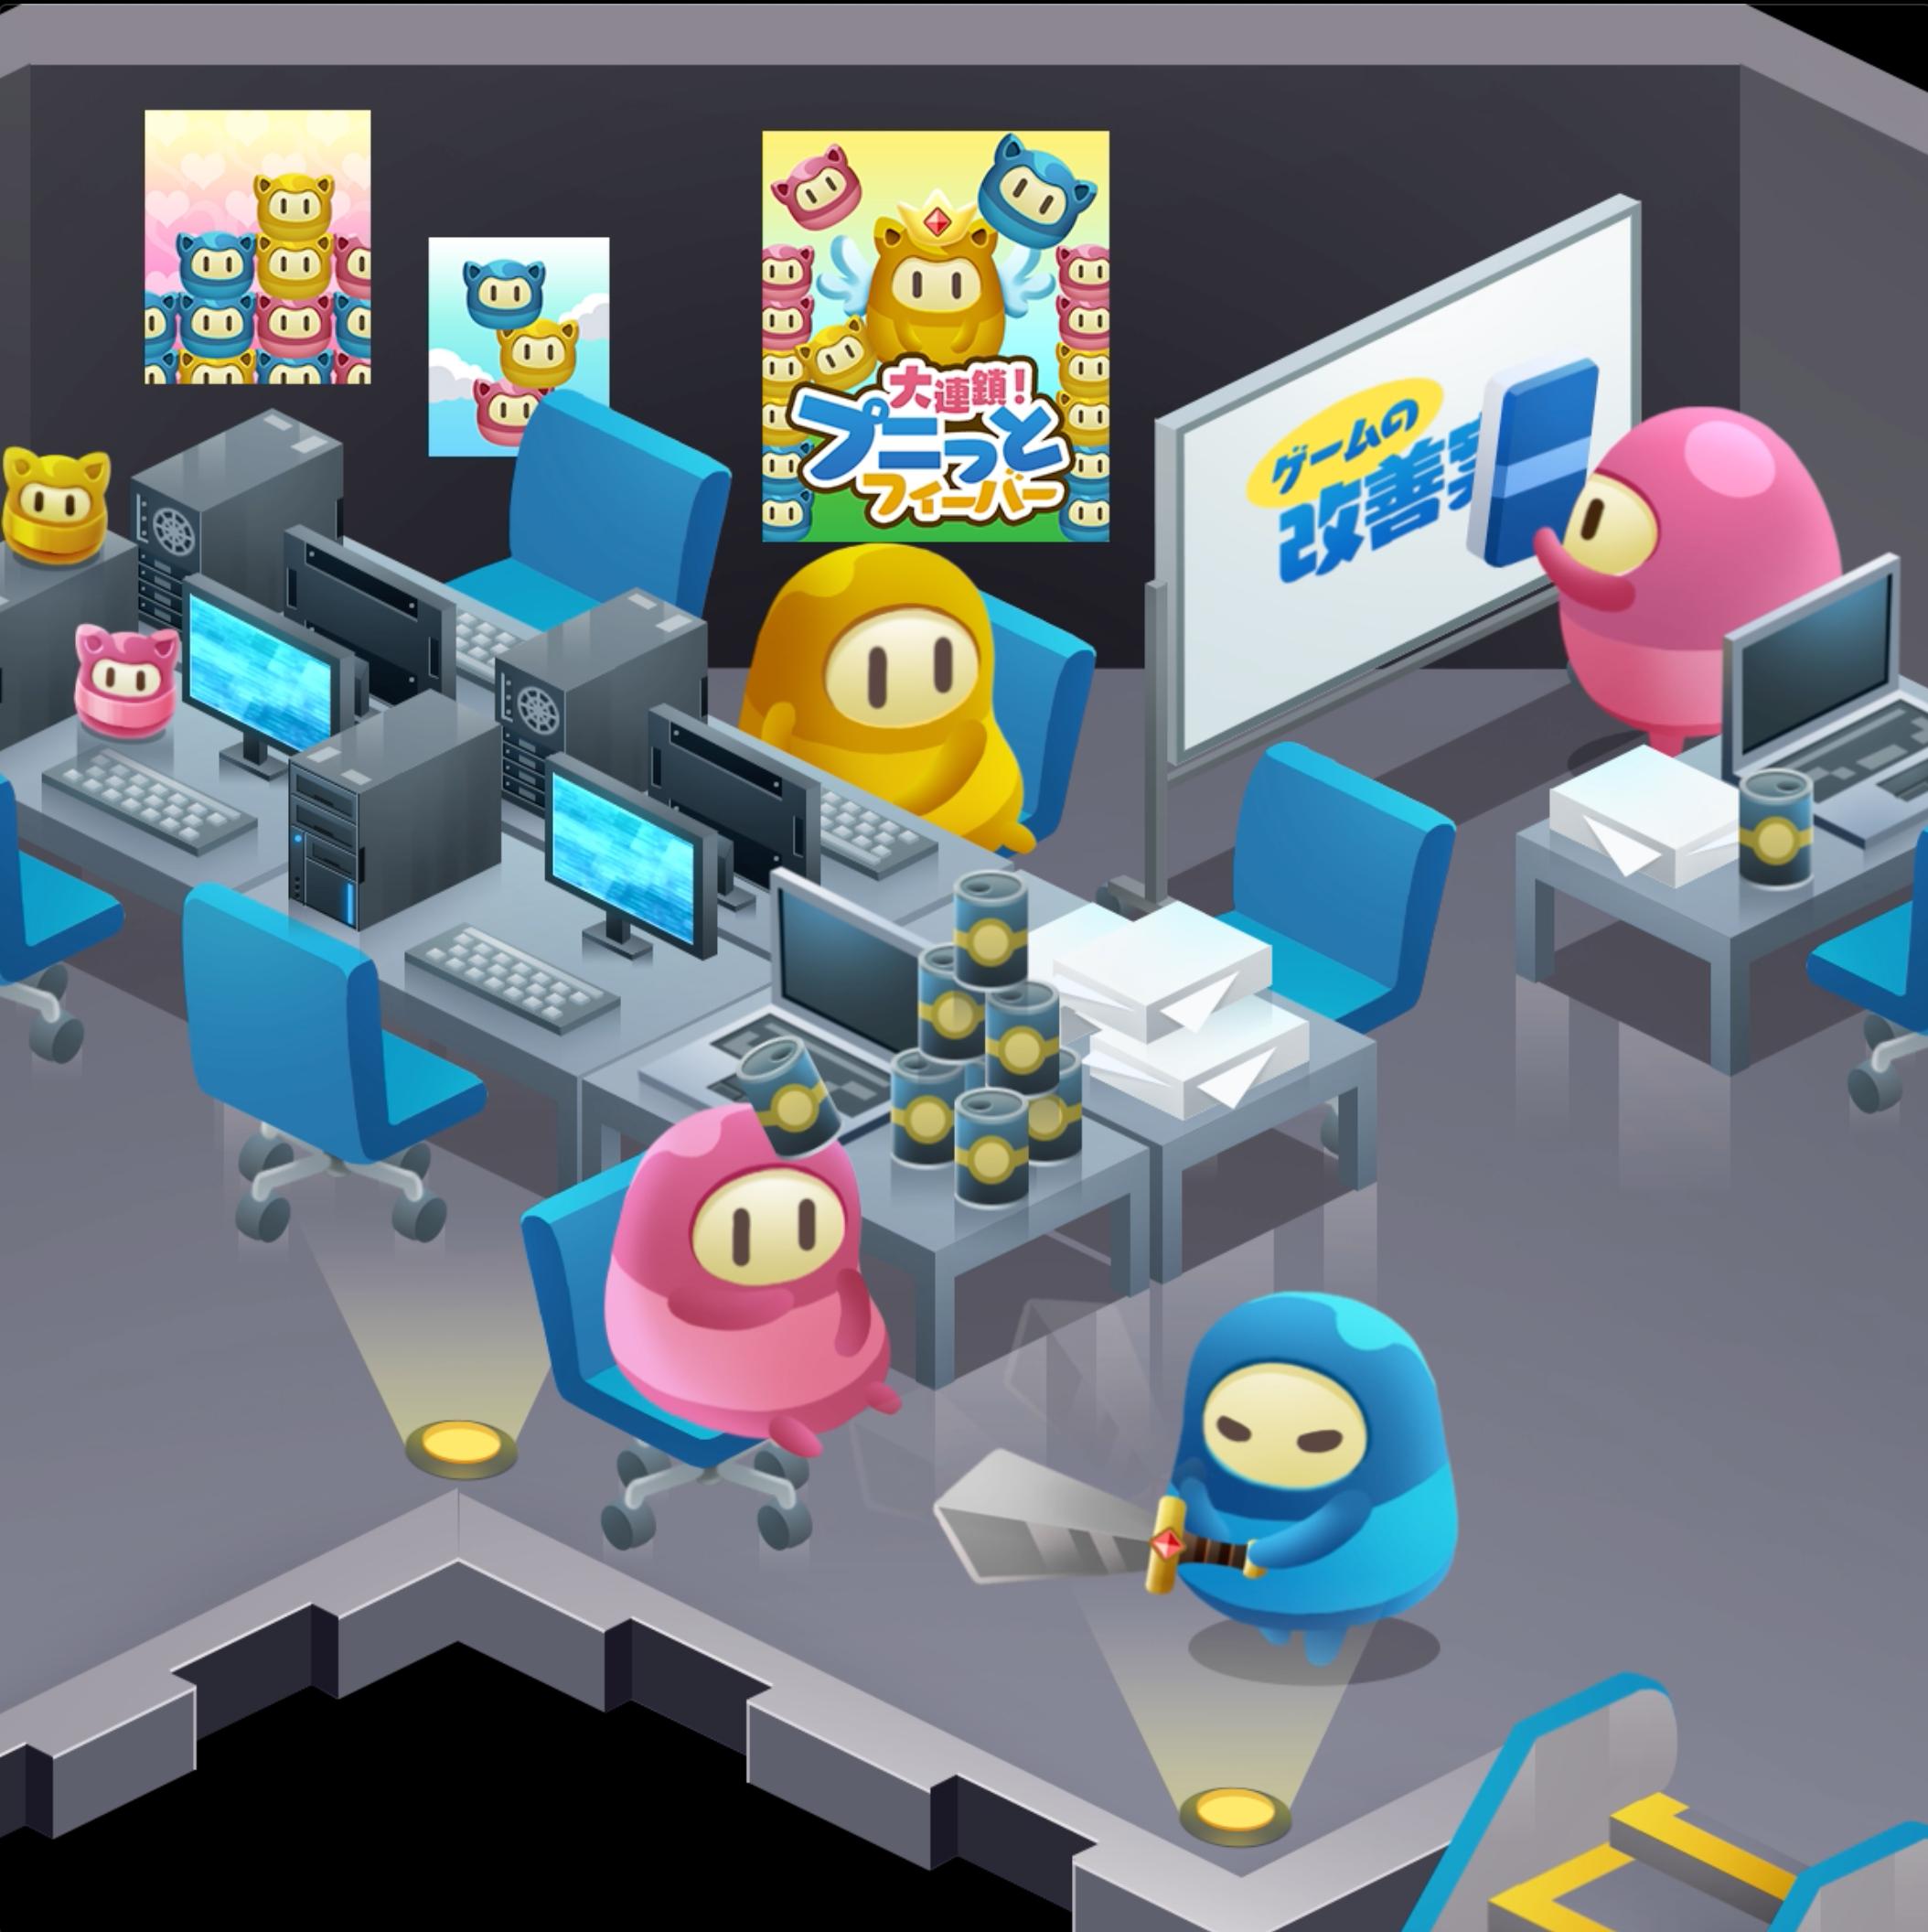 【ゲーム会社】おかしな動きをしていたら、それはアニメーション制作の人。